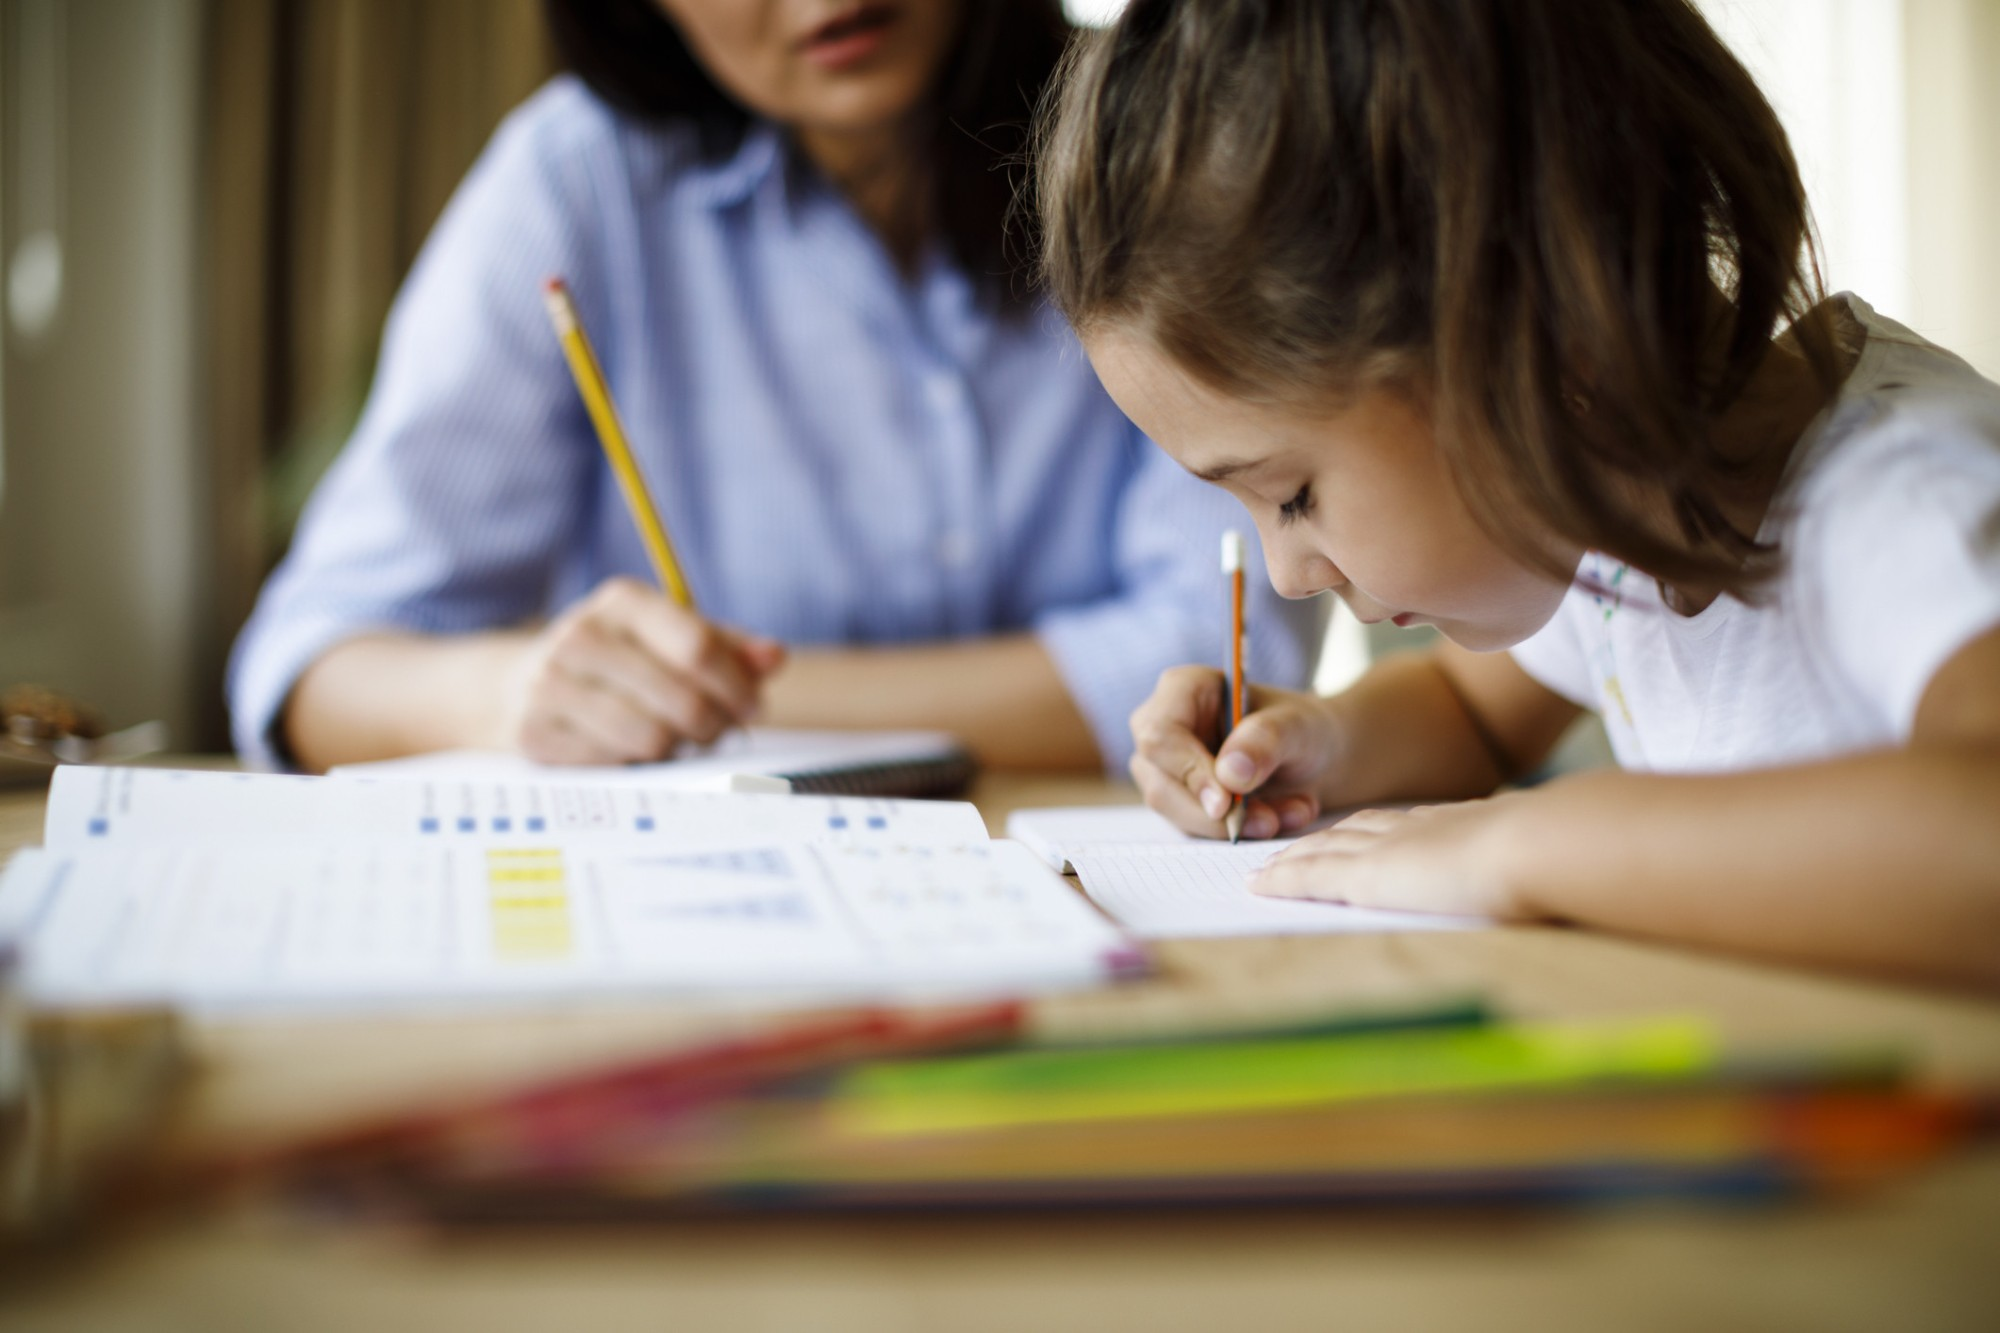 como ajudar o filho na escola